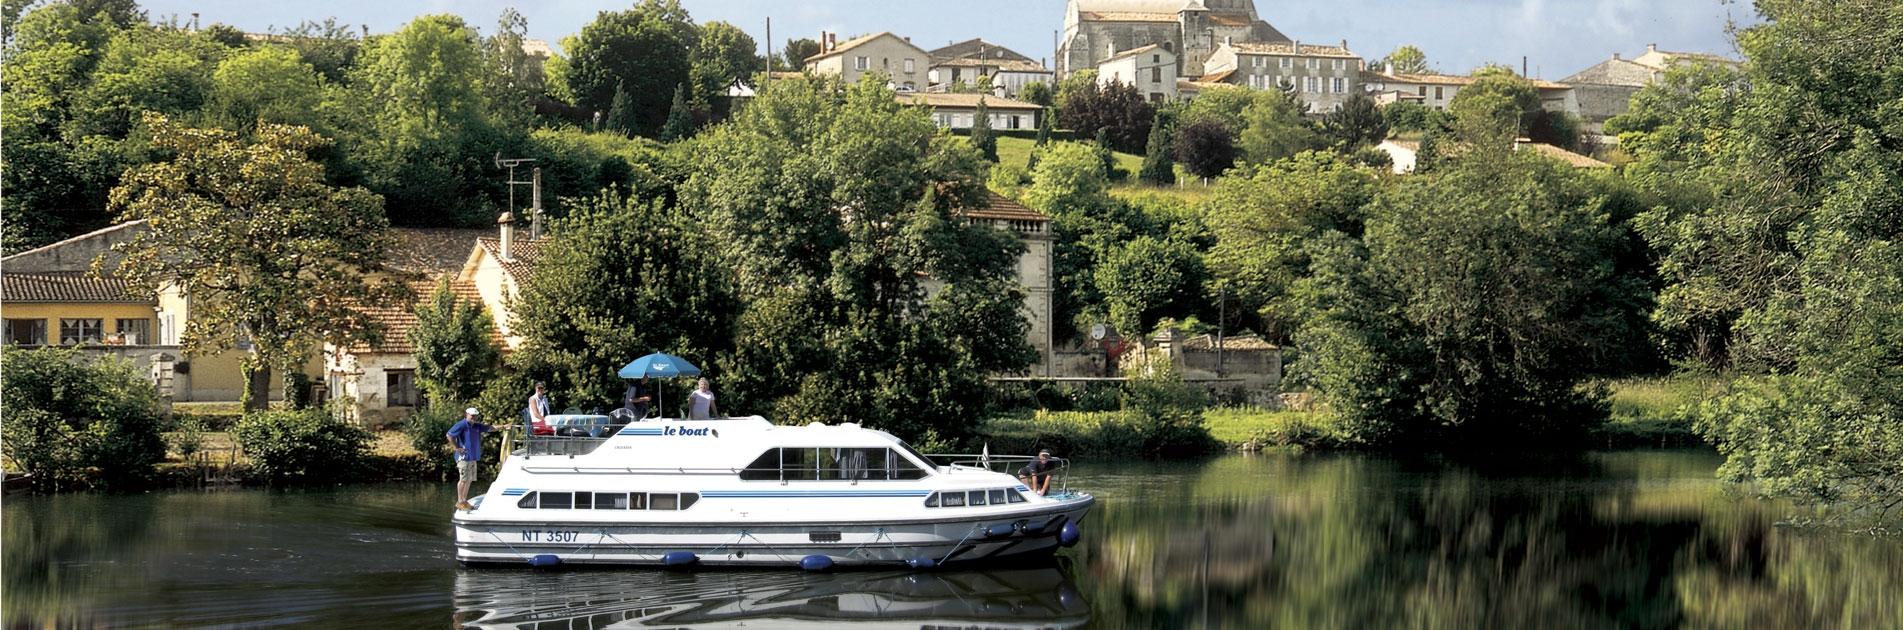 Rolig sejlads forbi landsby i Charente